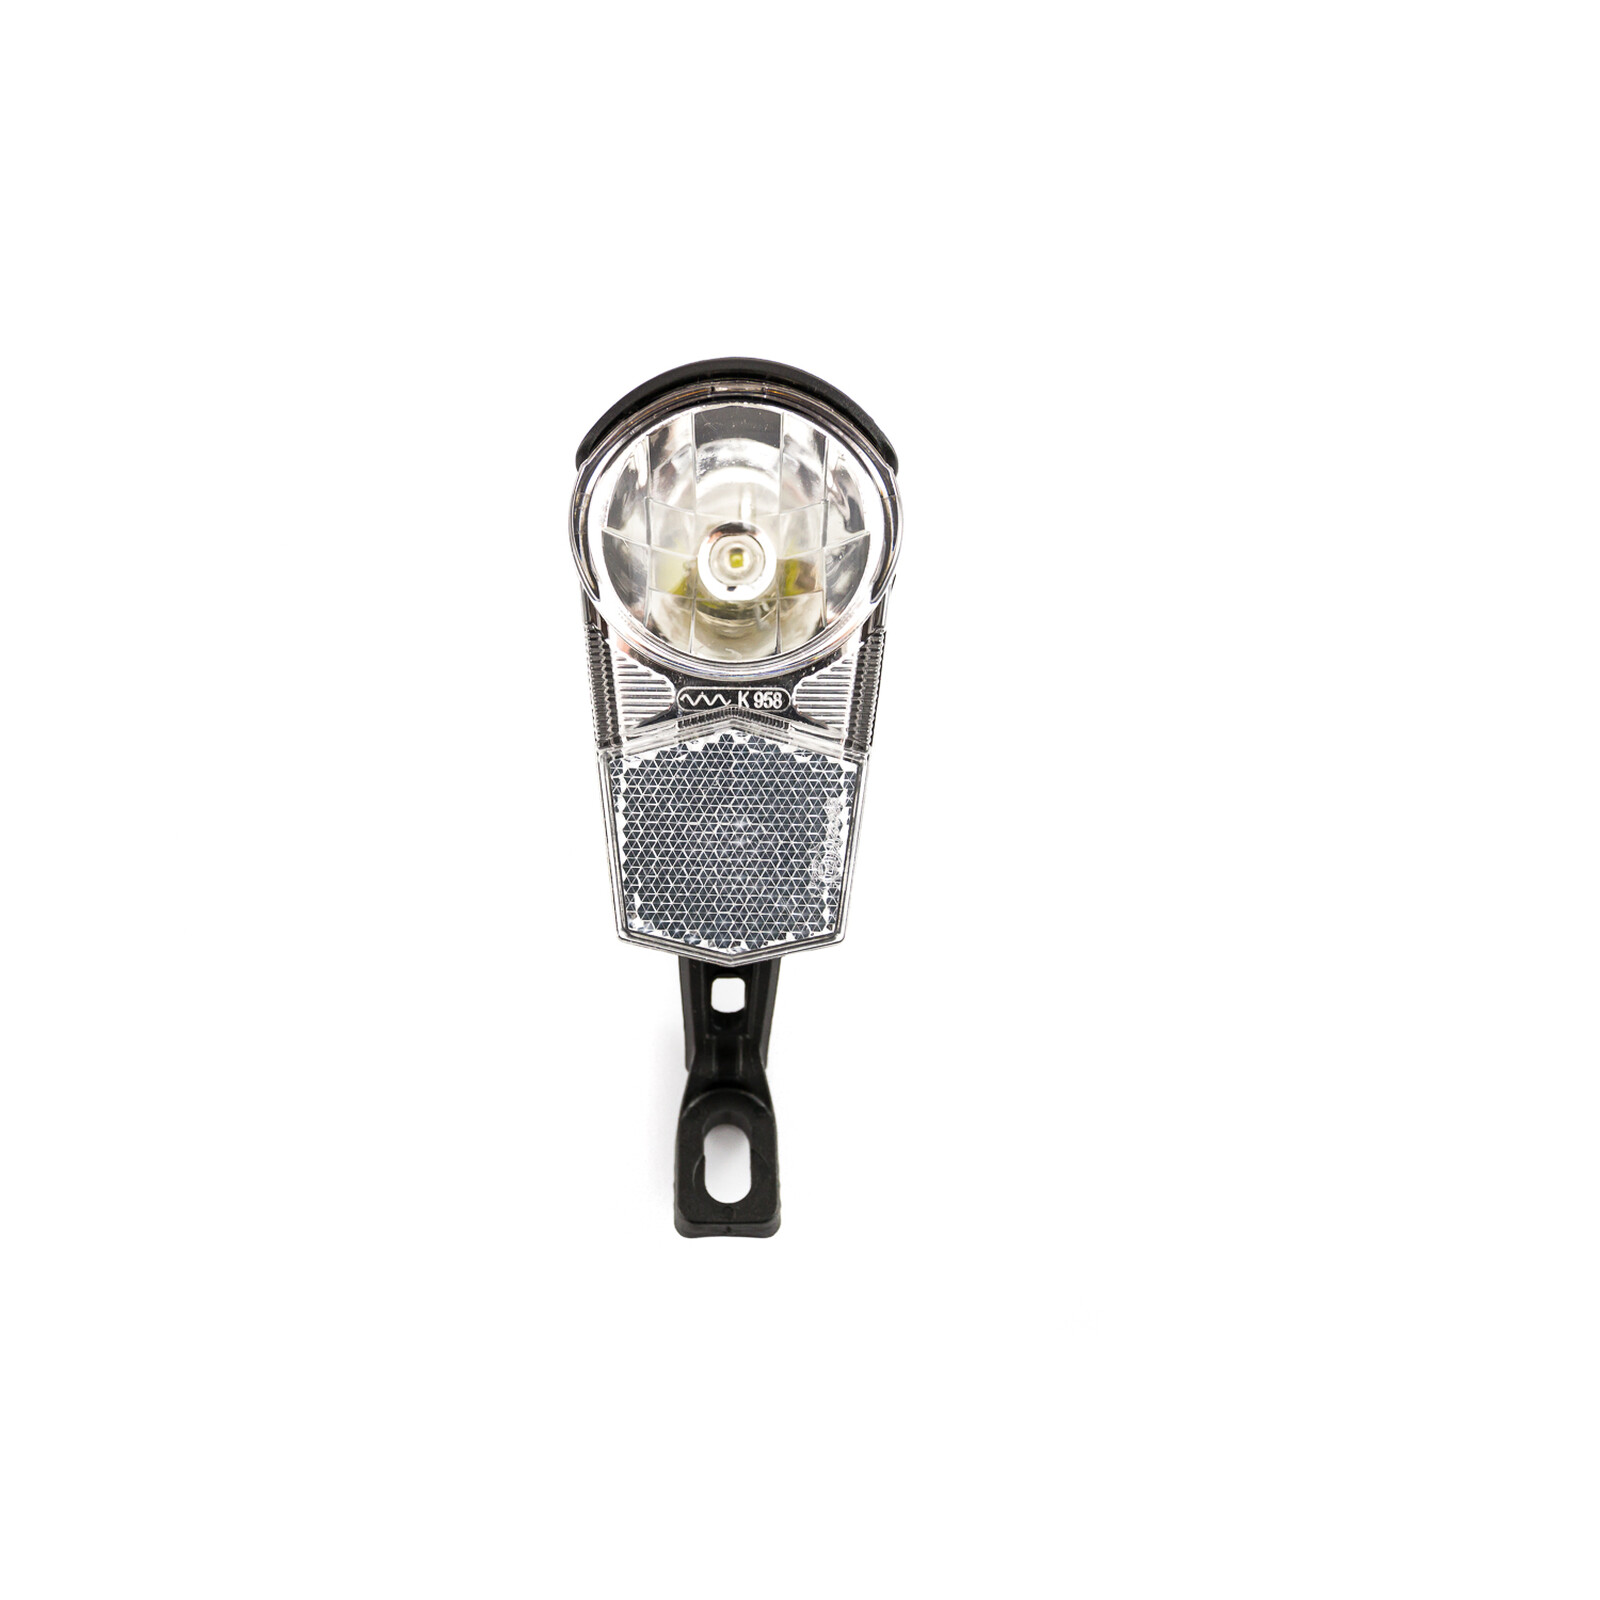 LED Fahrrad Vorderlicht Frontscheinwerfer Scheinwerfer Frontlicht Vorne 1 W